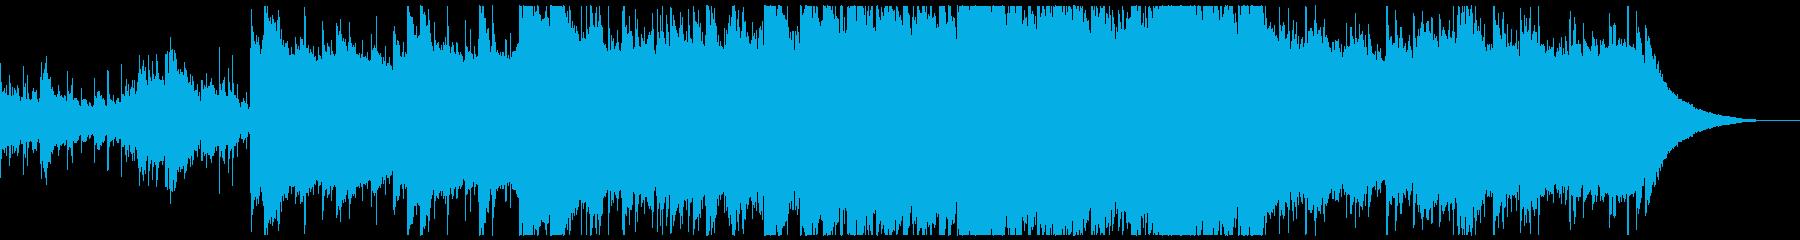 精霊をイメージした静かな曲の再生済みの波形